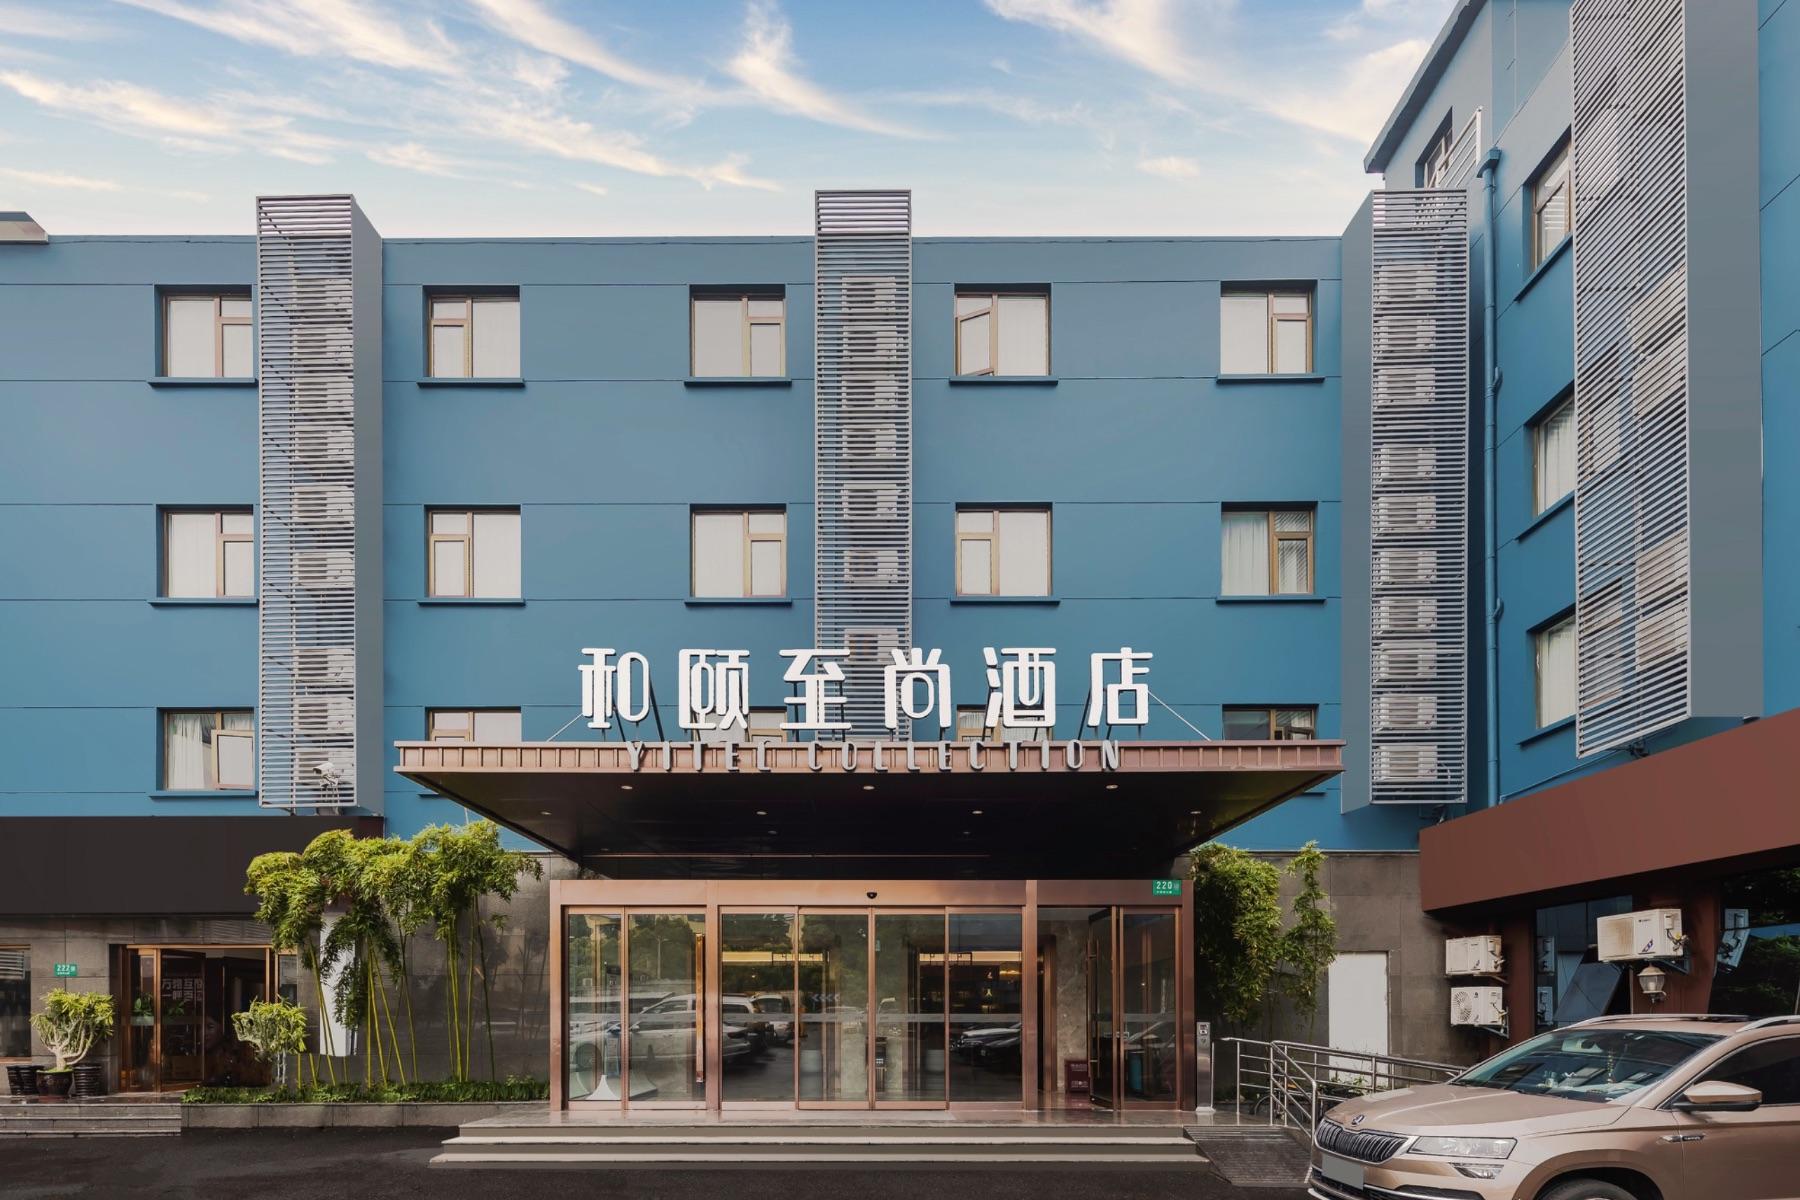 和颐至尚酒店-上海虹桥国家会展中心沪青平店